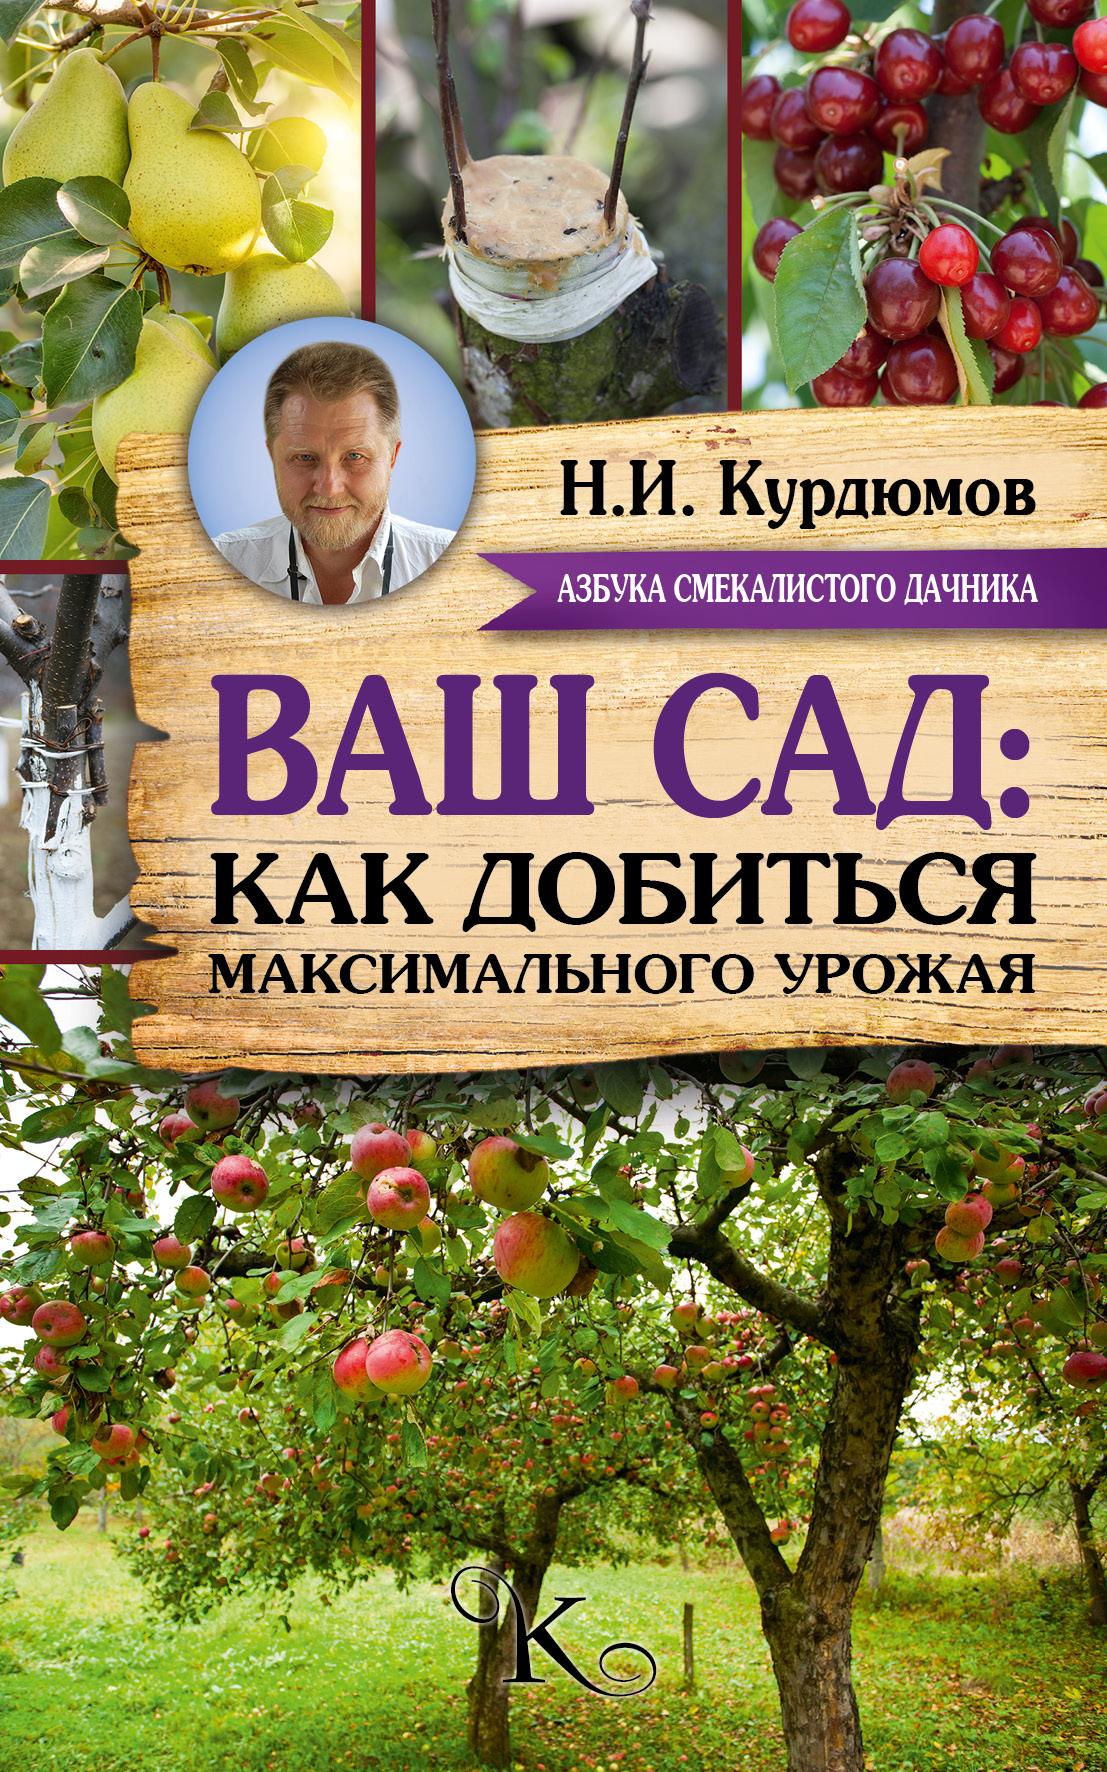 «Ваш сад: как добиться максимального урожая»